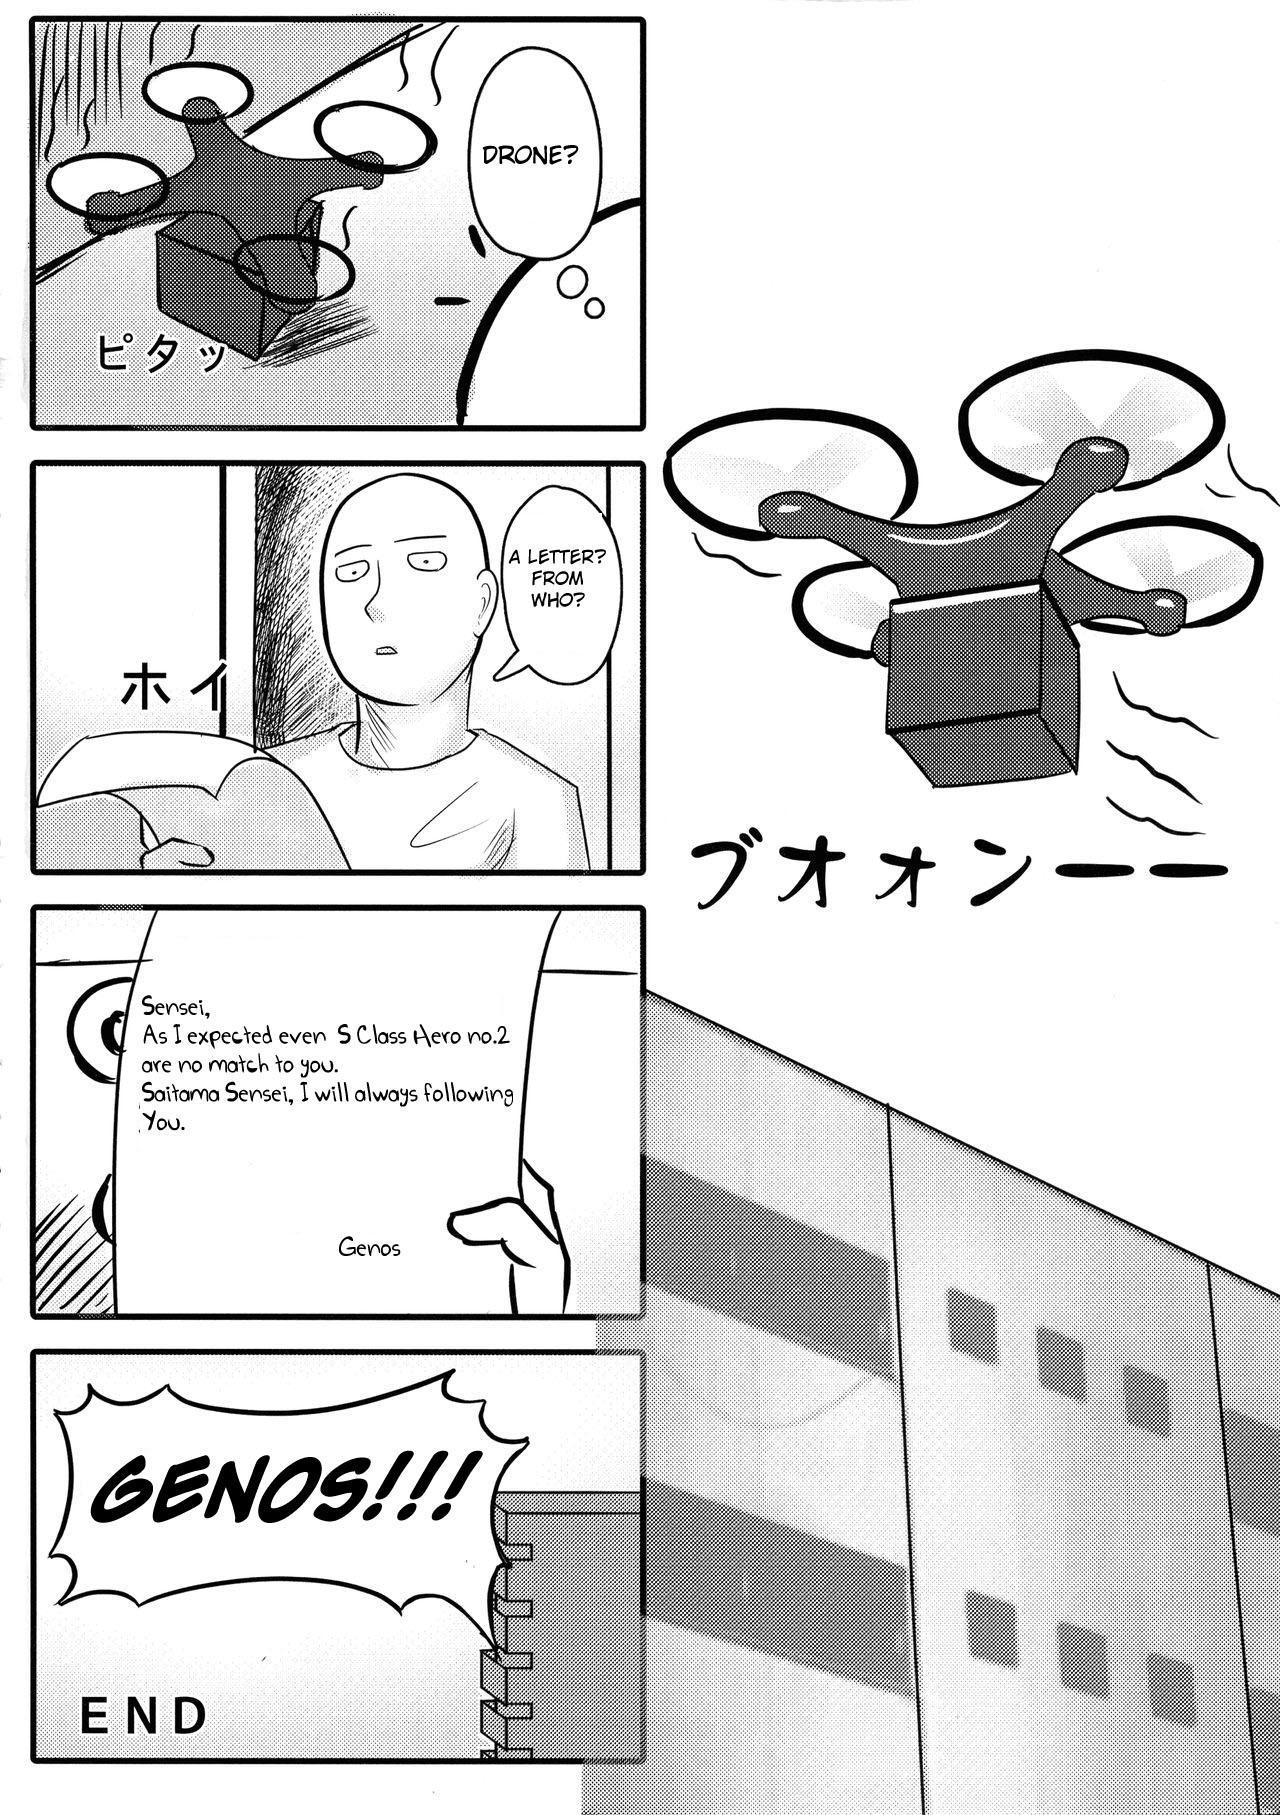 ONE PORNCH MAN Tatsumaki Shimai 25